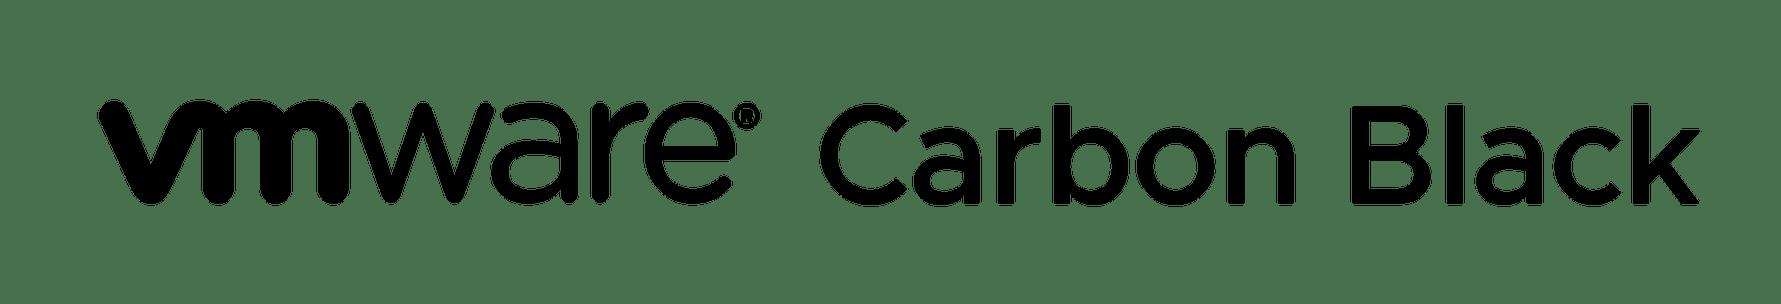 carbon black